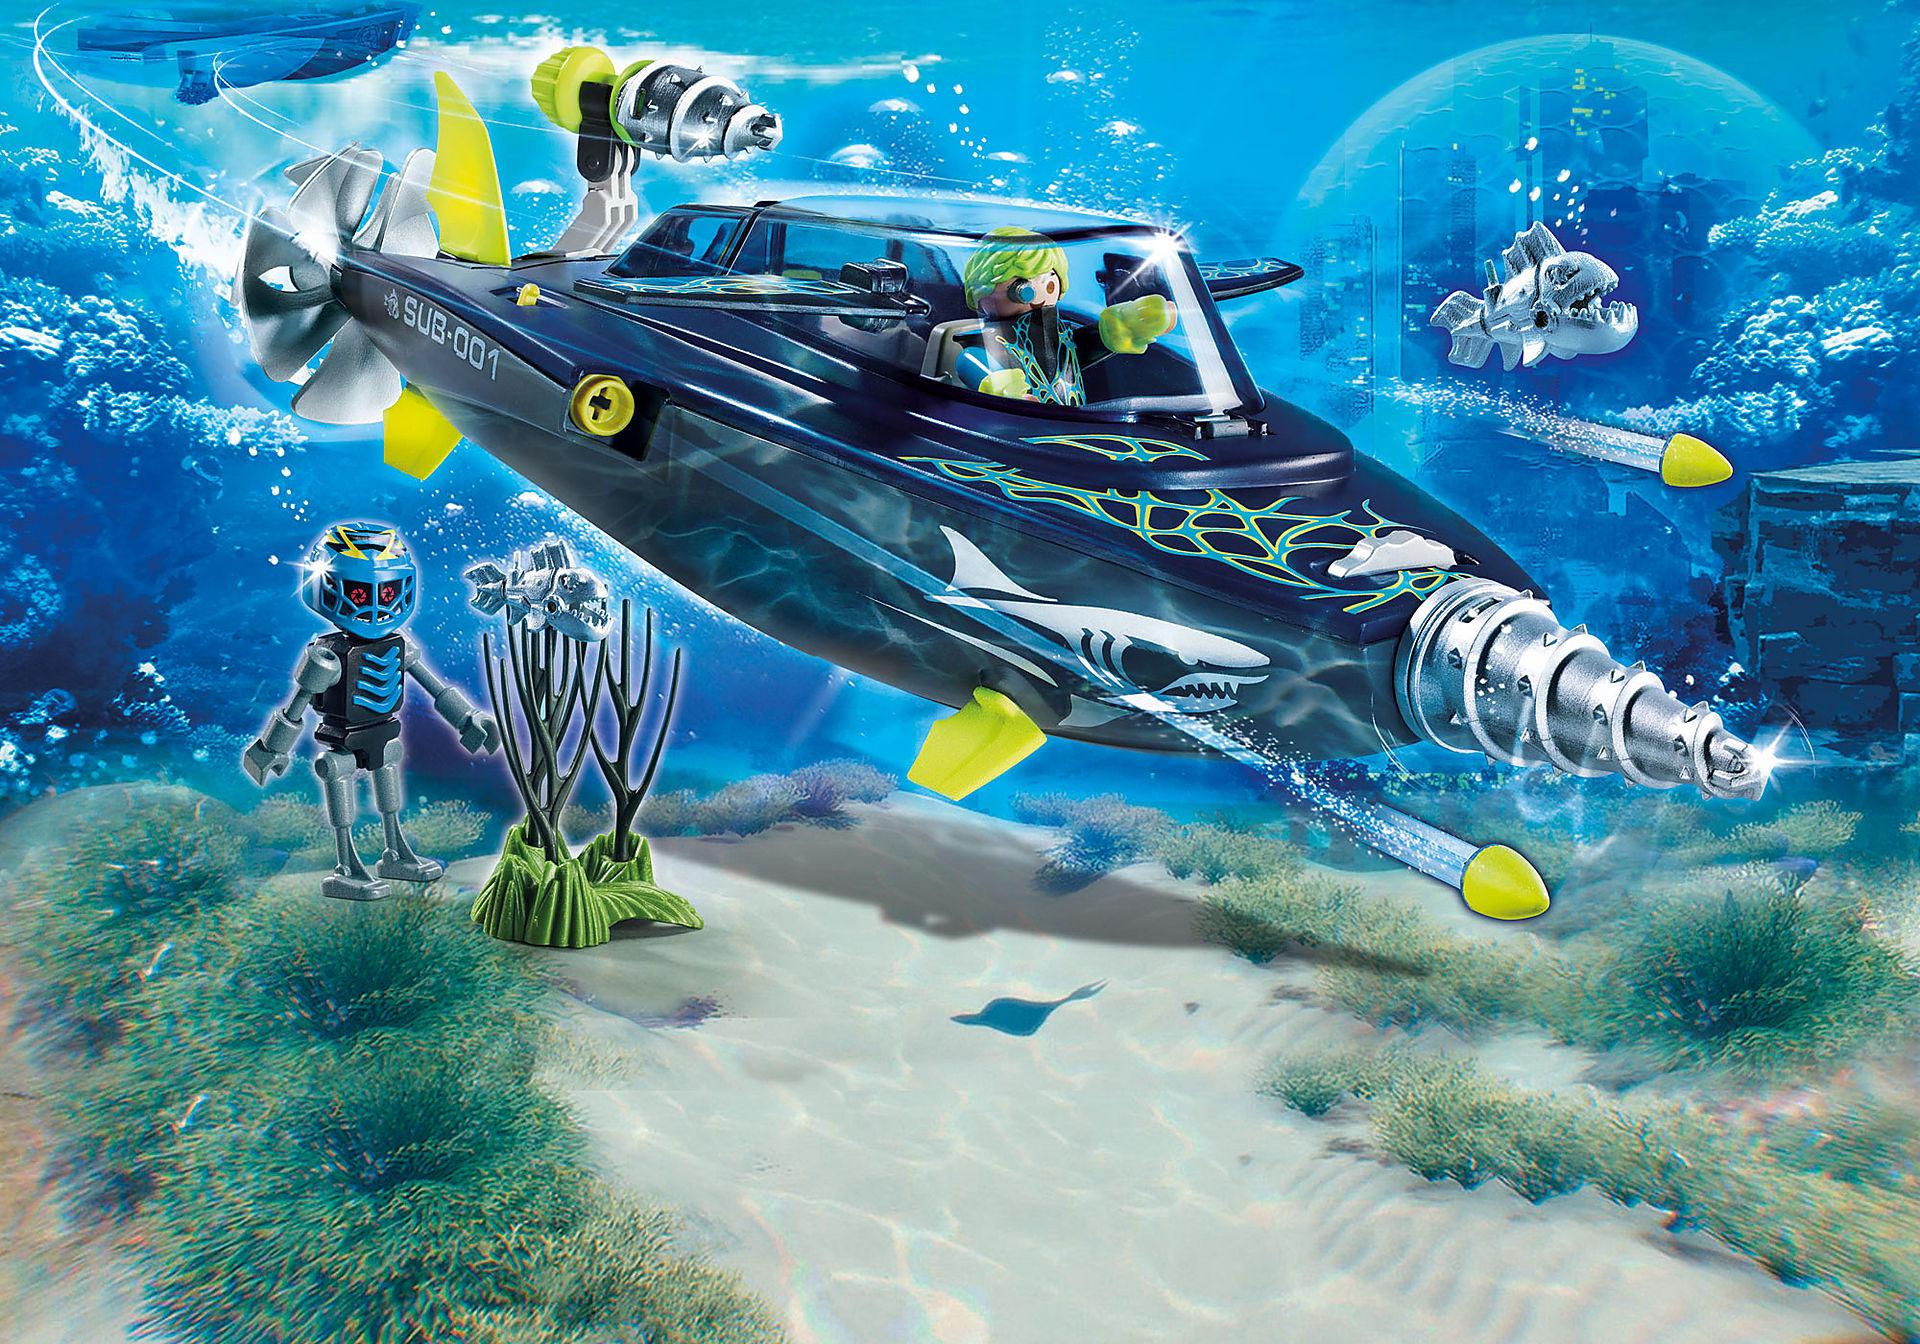 70005 Team S.H.A.R.K. Drilonderzeeër zoom image1